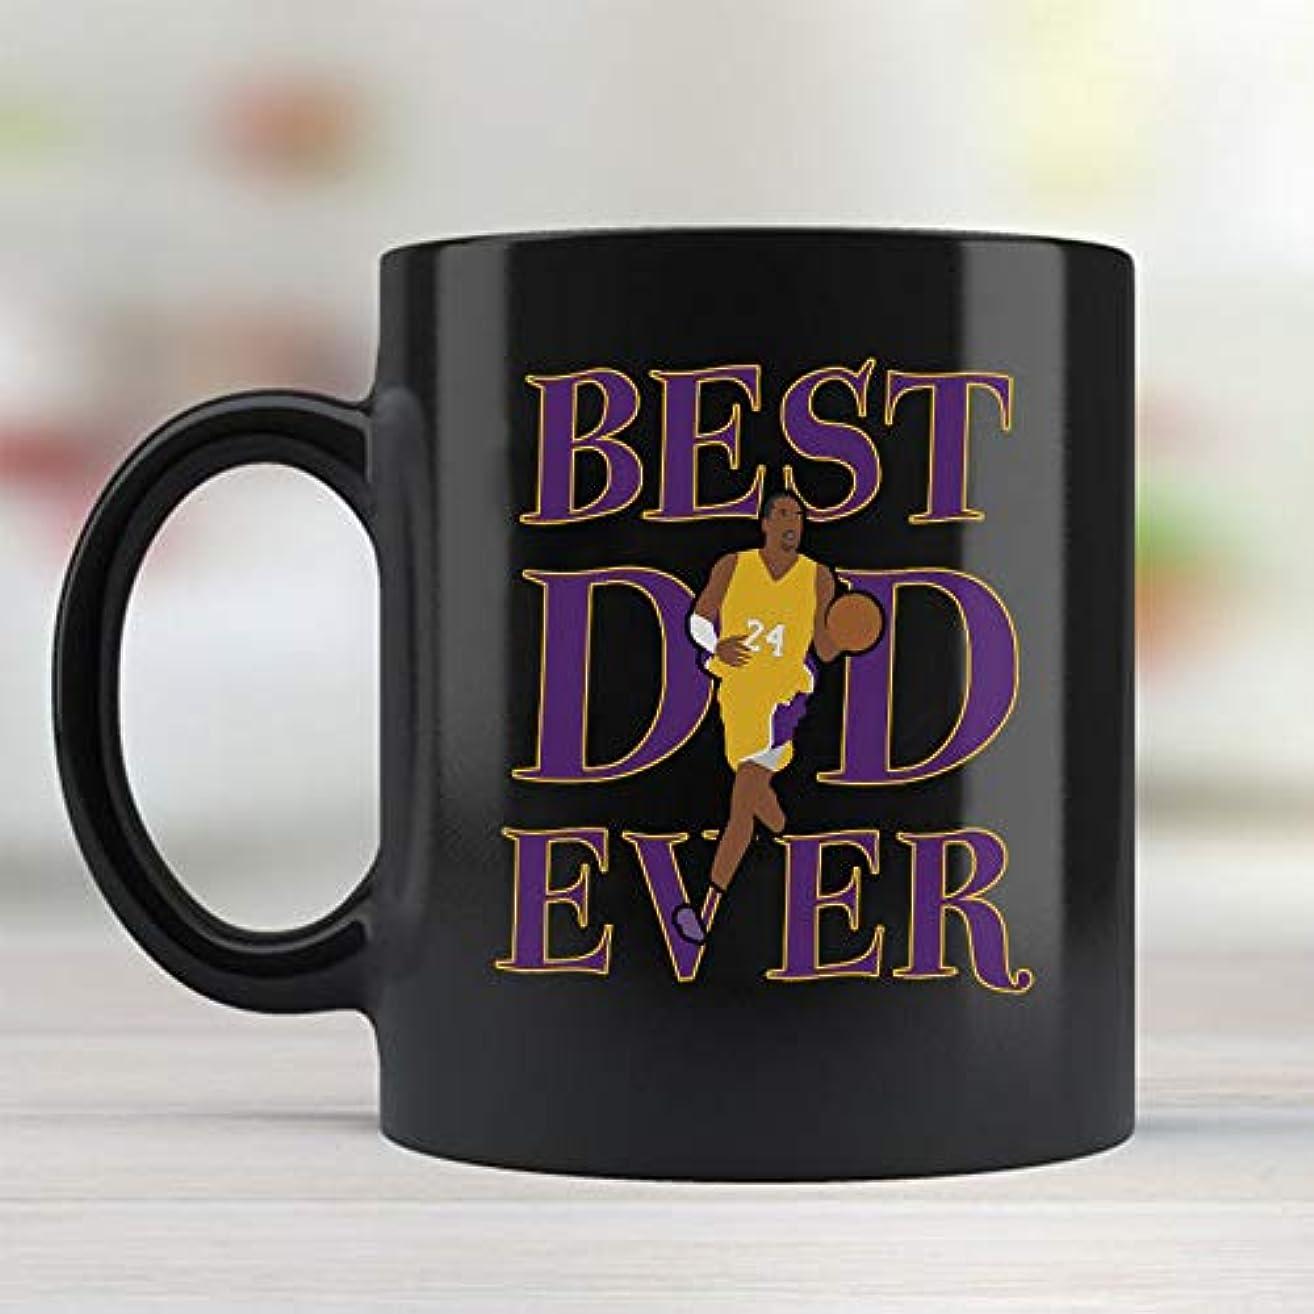 Los Angeles City Mug Lakers Mug For Fan Fathers Day 2020 Gift Ideas Jim Mug Jackson Best Dad Ever 2019 Mug Customized Mug Size 11oz or 15oz